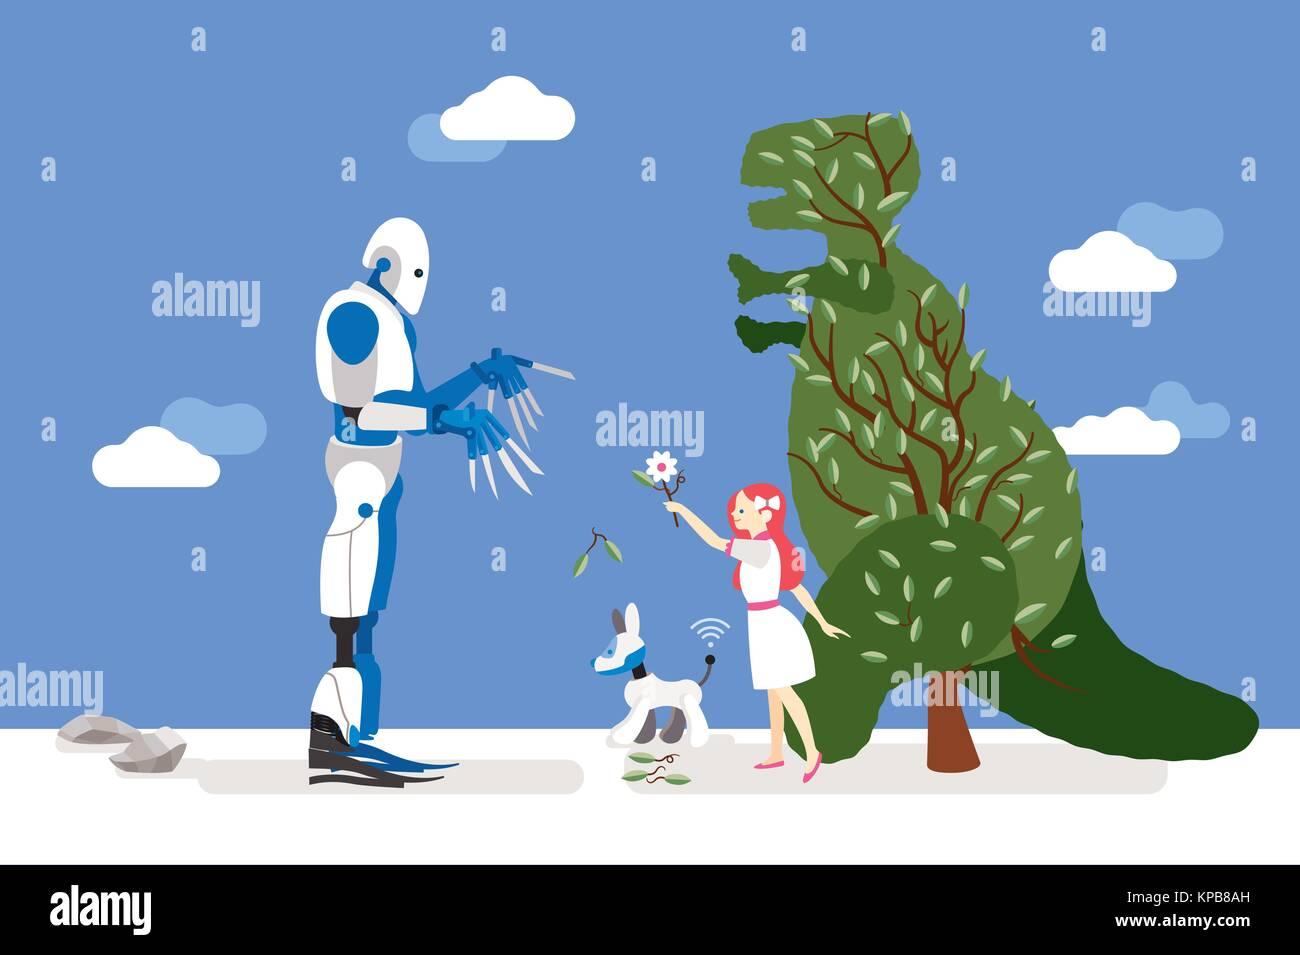 Vector illustration sur l'intelligence artificielle et de ses risques. Un peu d'innocent girl interagit avec un jardinier robot et lui offre une fleur Illustration de Vecteur